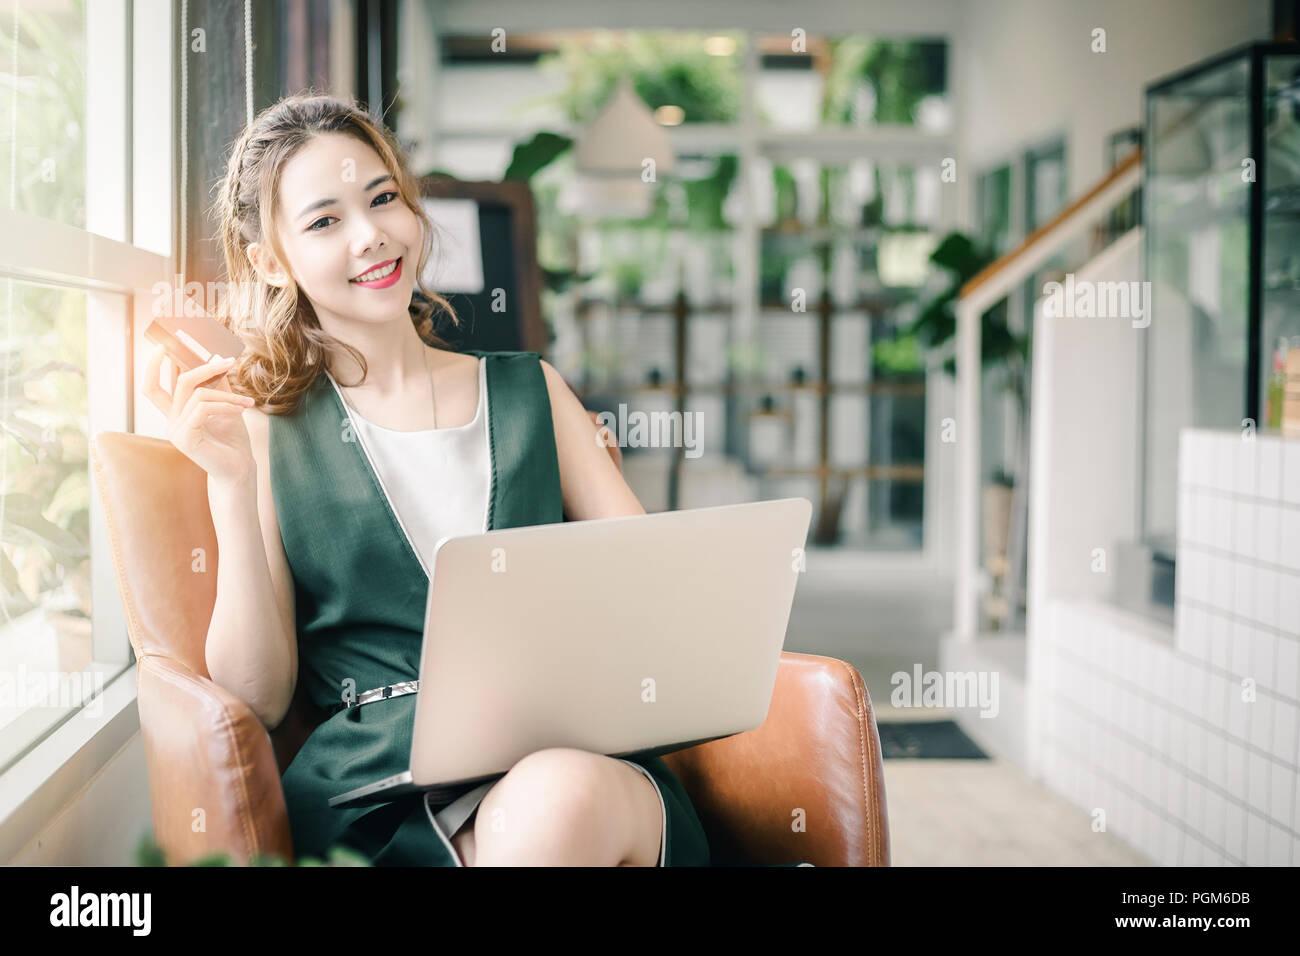 Hermosa mujer asiática la celebración de tarjeta de crédito y trabajando con un portátil o un ordenador portátil. Imagen De Stock